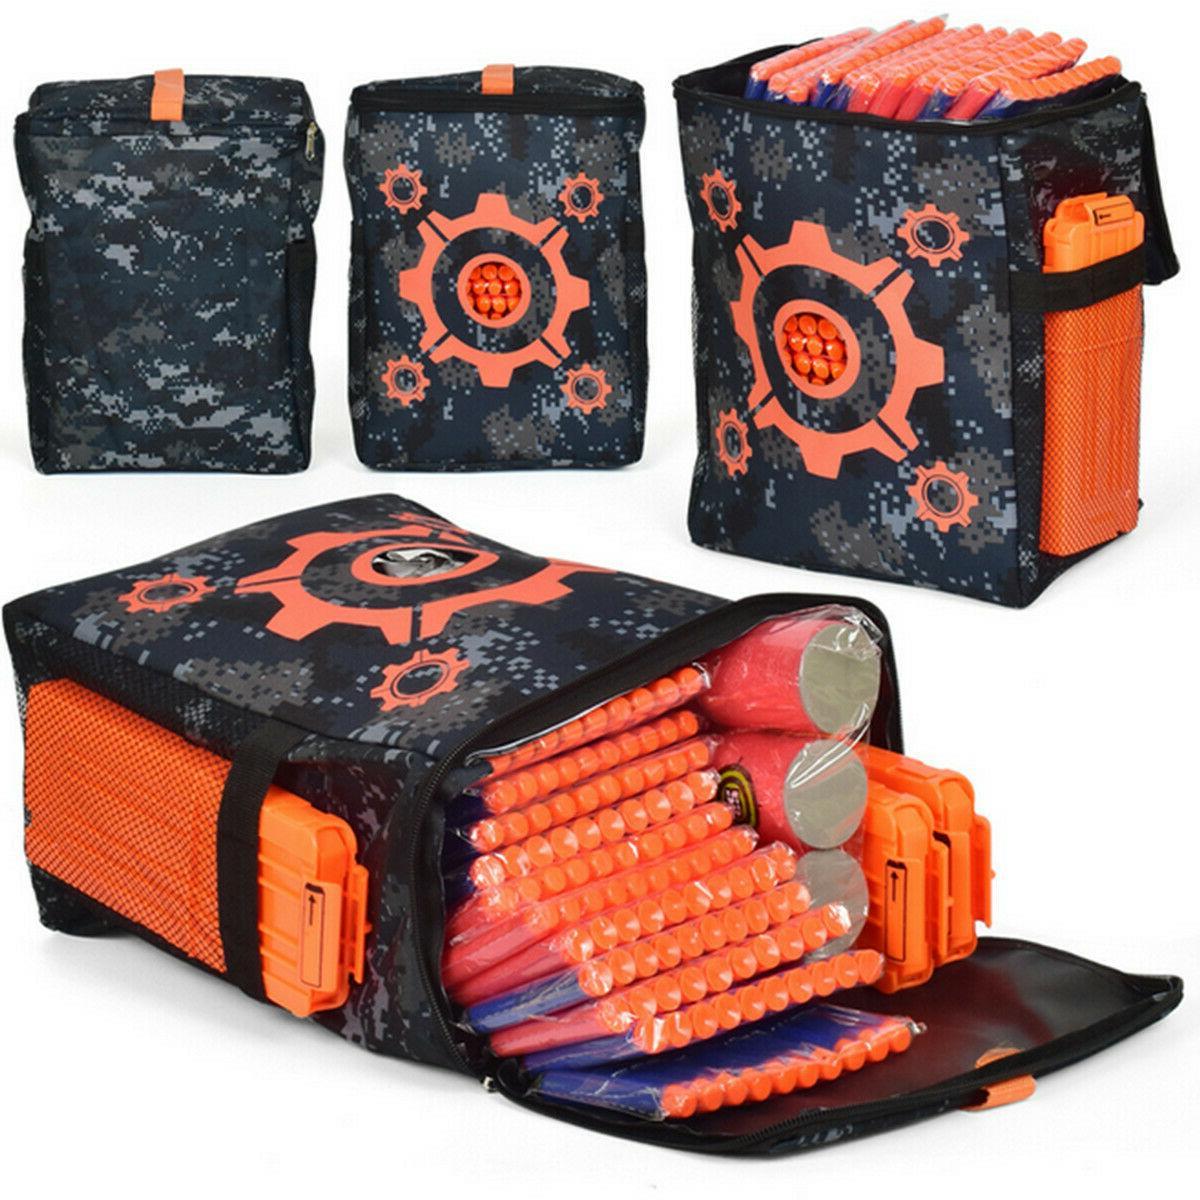 Game Gun Accessories Storage Bag Target Nerf N-strike Elite